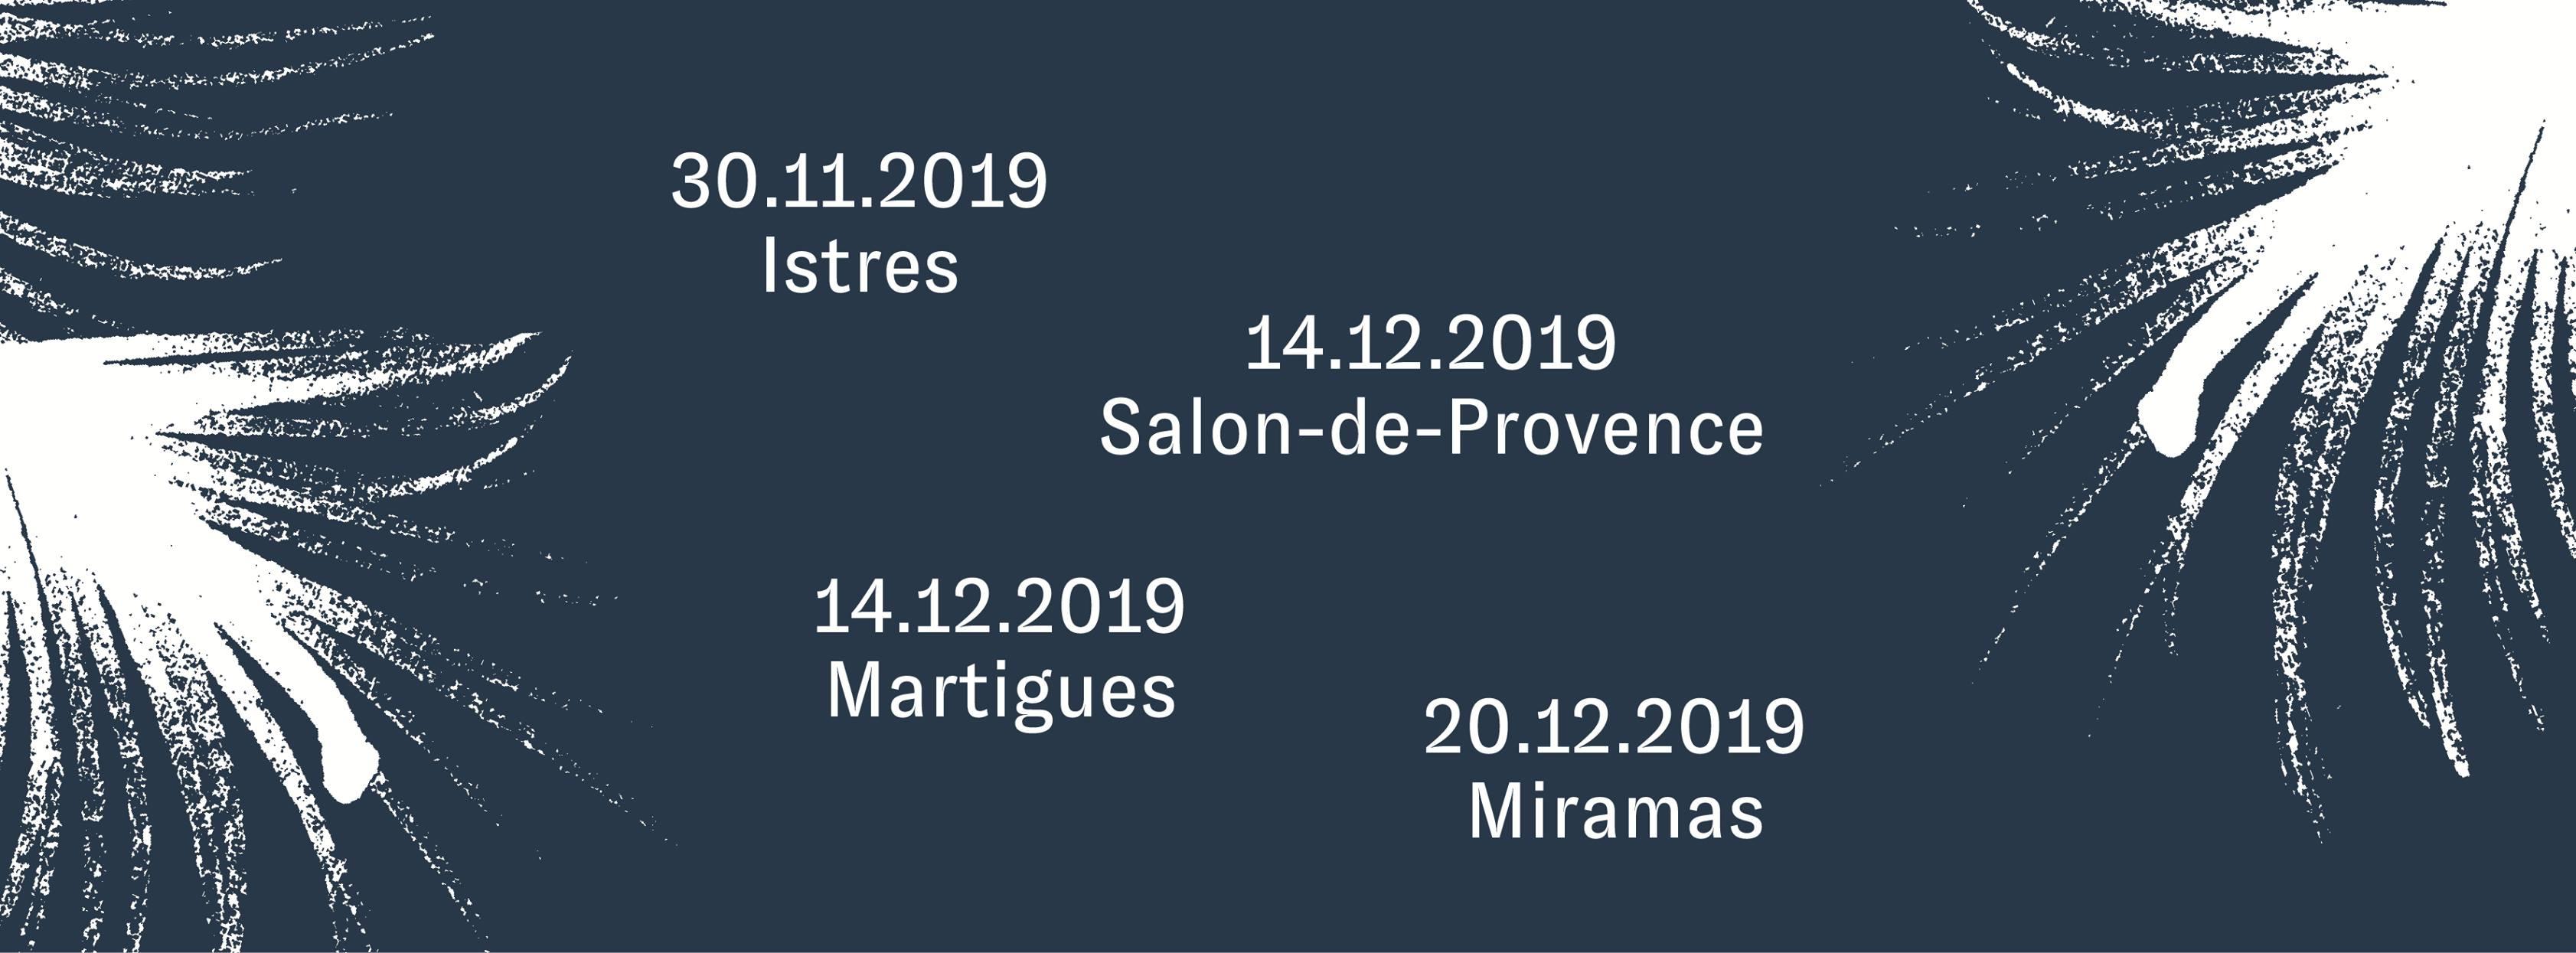 https://the-place-to-be.fr/wp-content/uploads/2019/11/les-fabriques-de-lumieres-2019.jpg